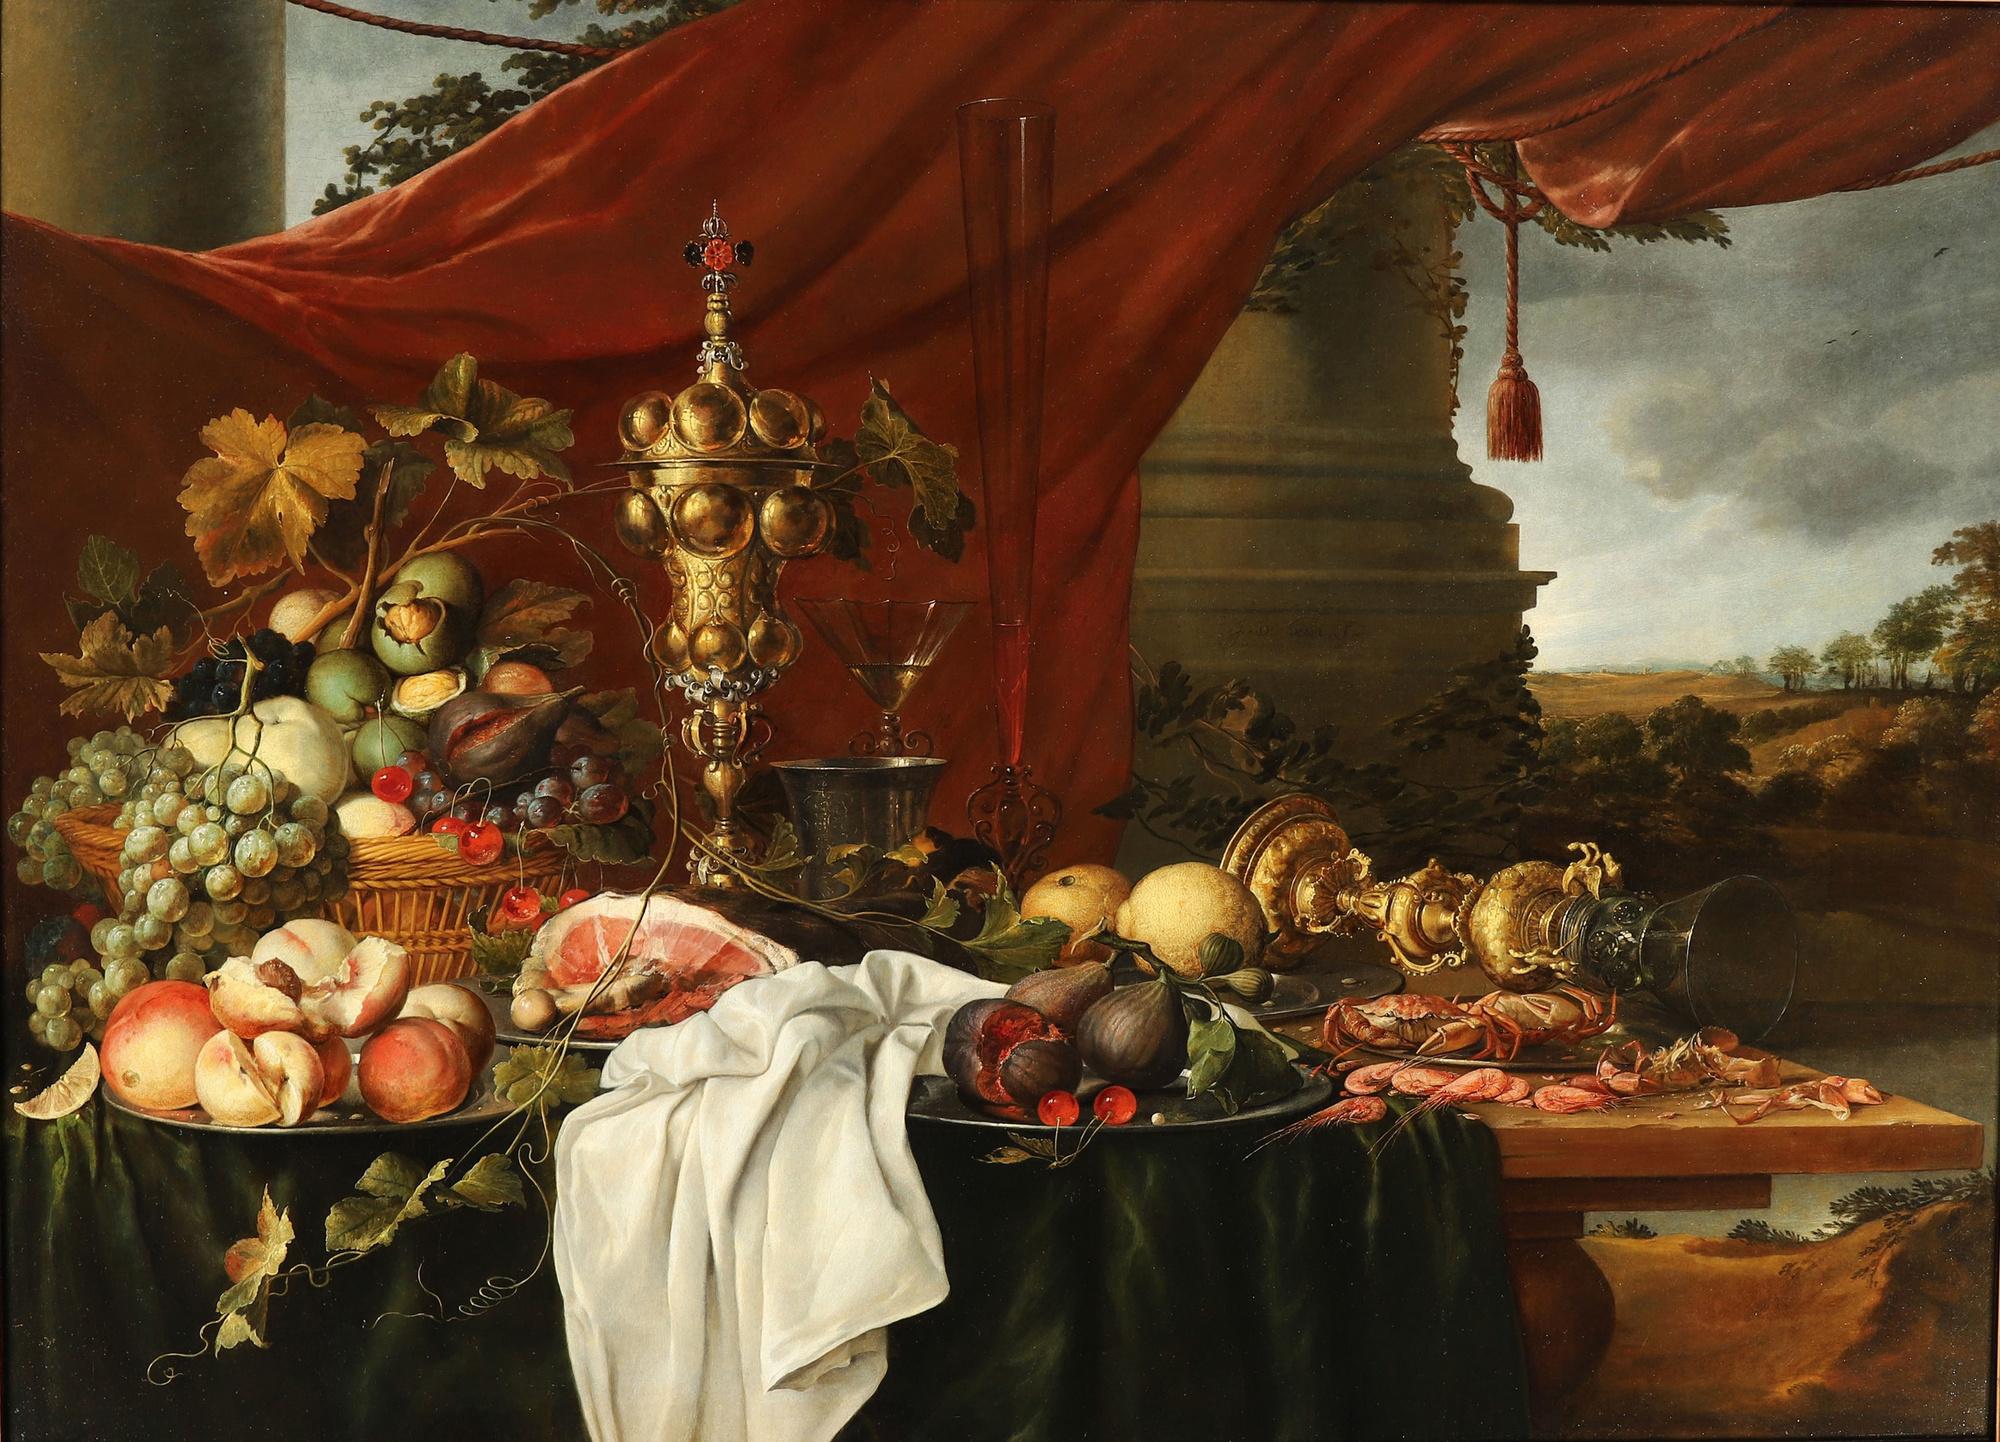 Jan Davidsz. de Heem (Utrecht 1606-1684 Antwerp), Brafa art Fair - DOUWES FINE ART BV